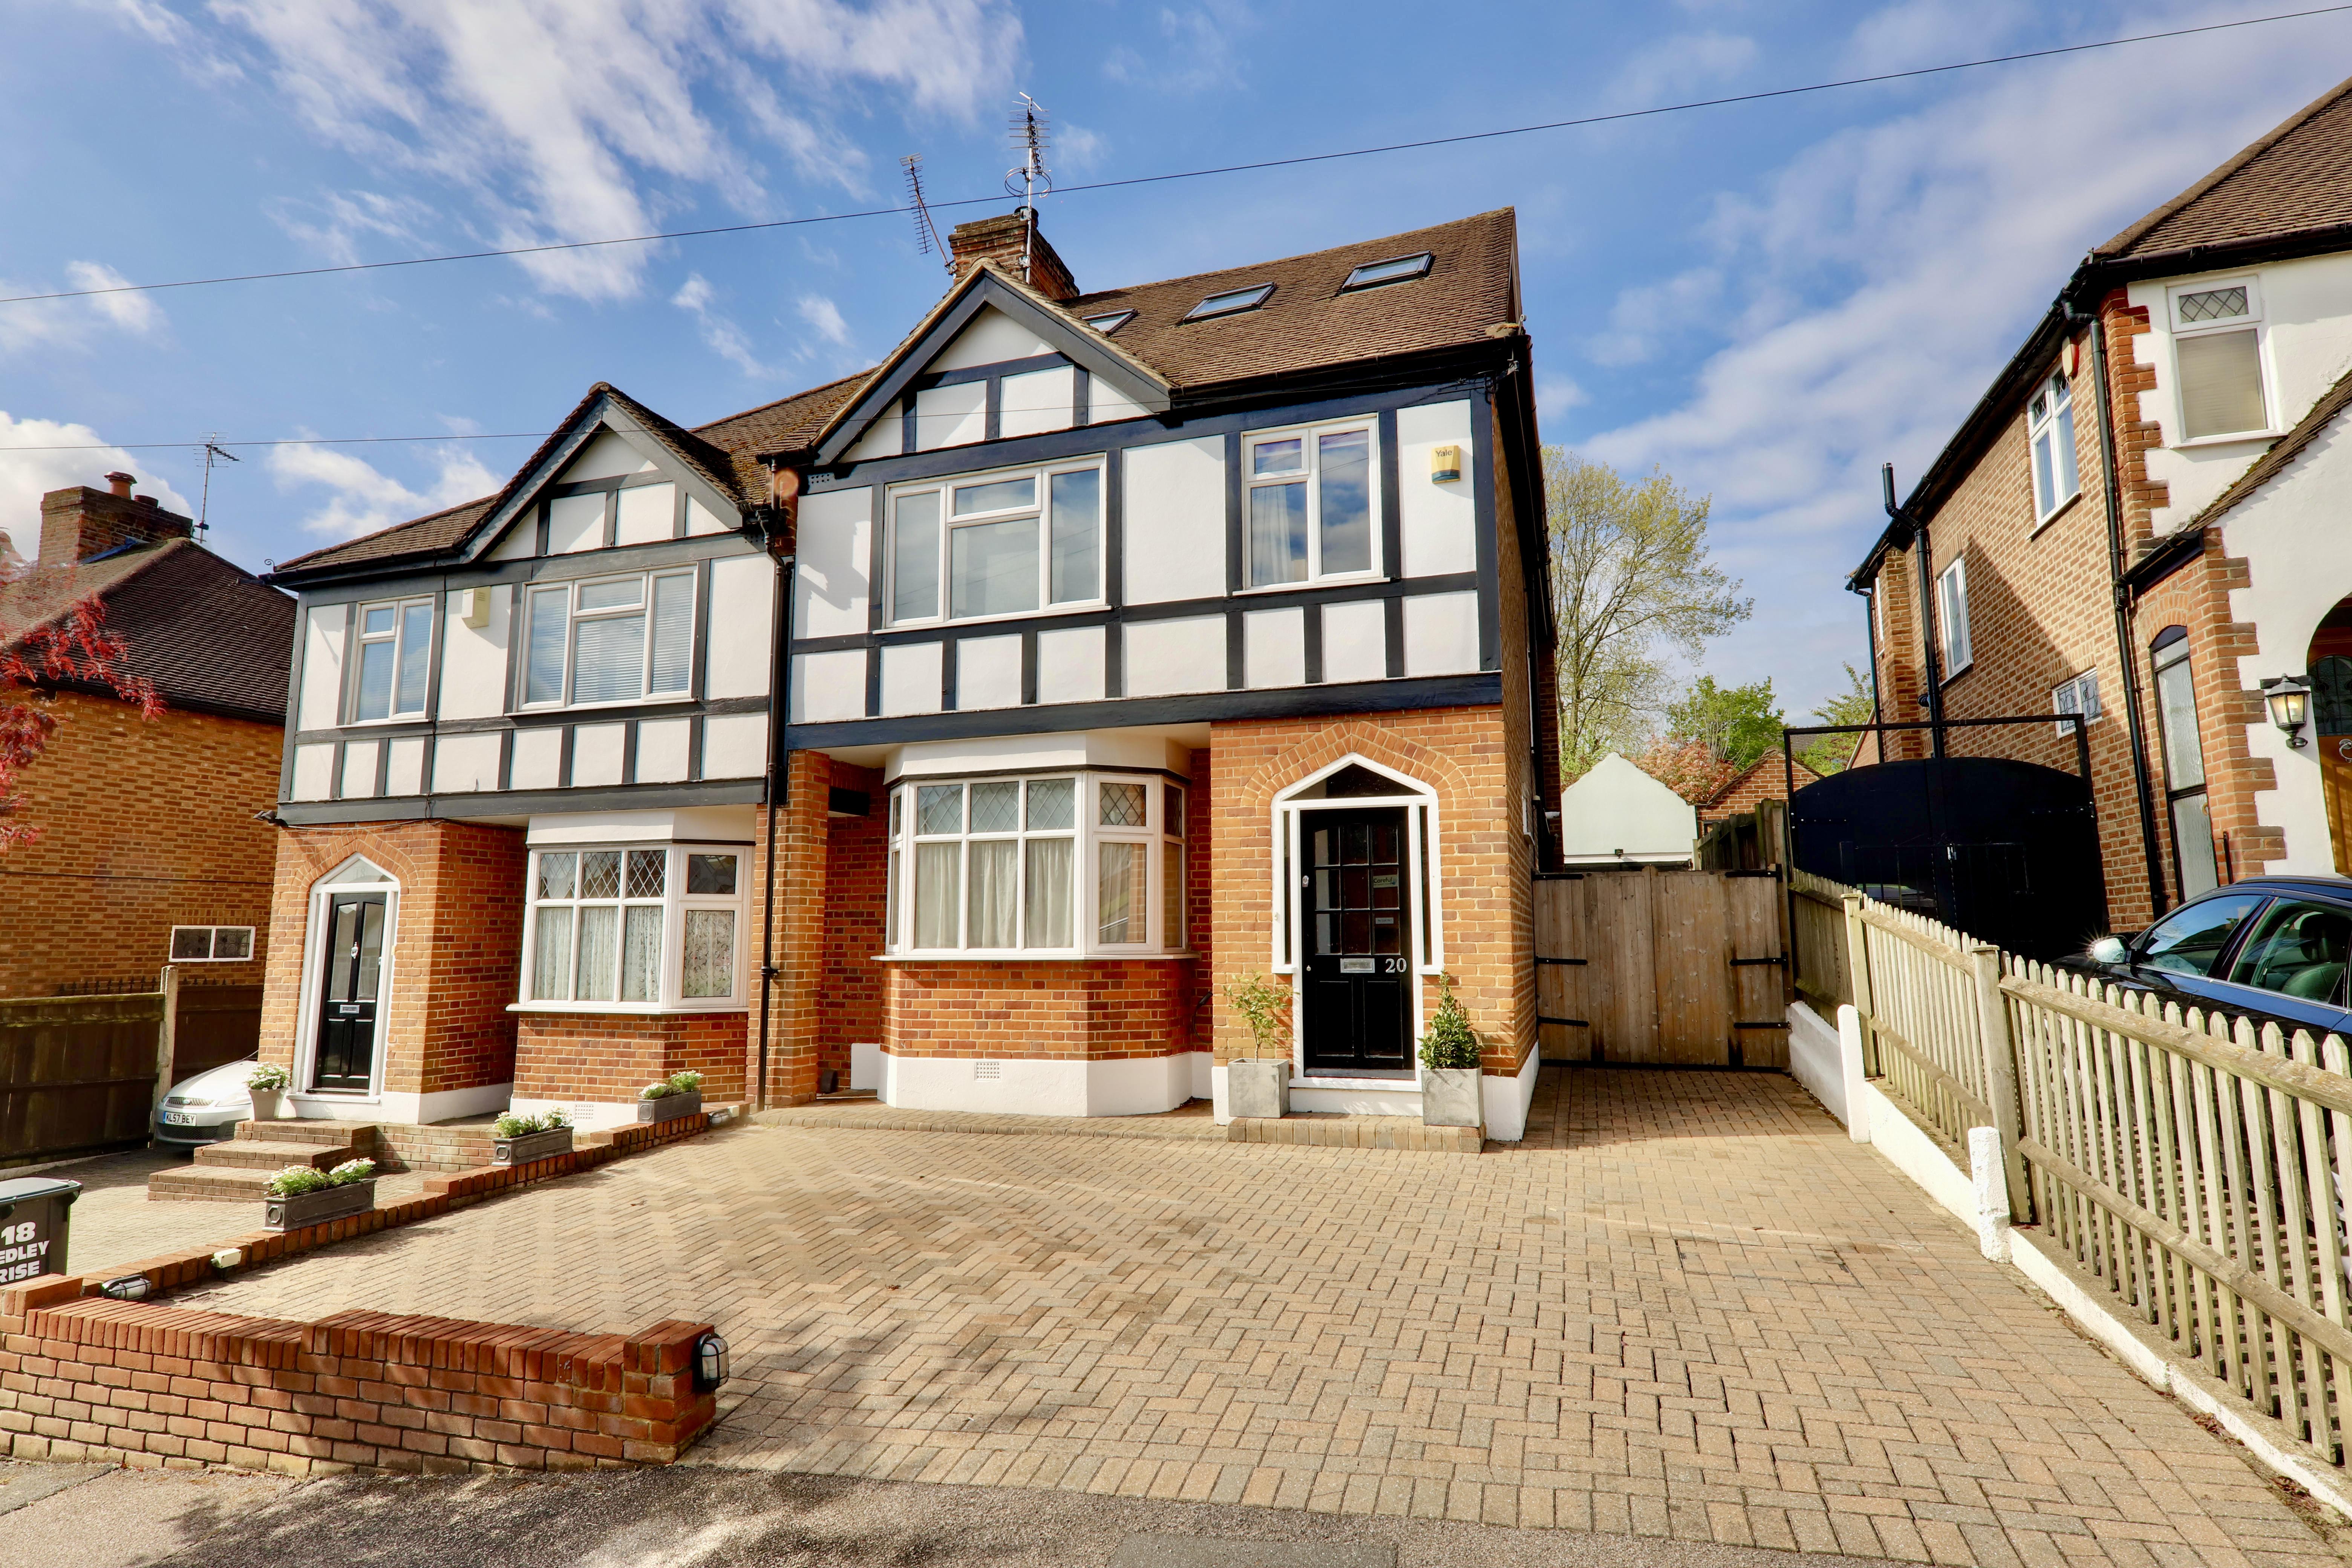 Sedley Rise, Loughton, Essex